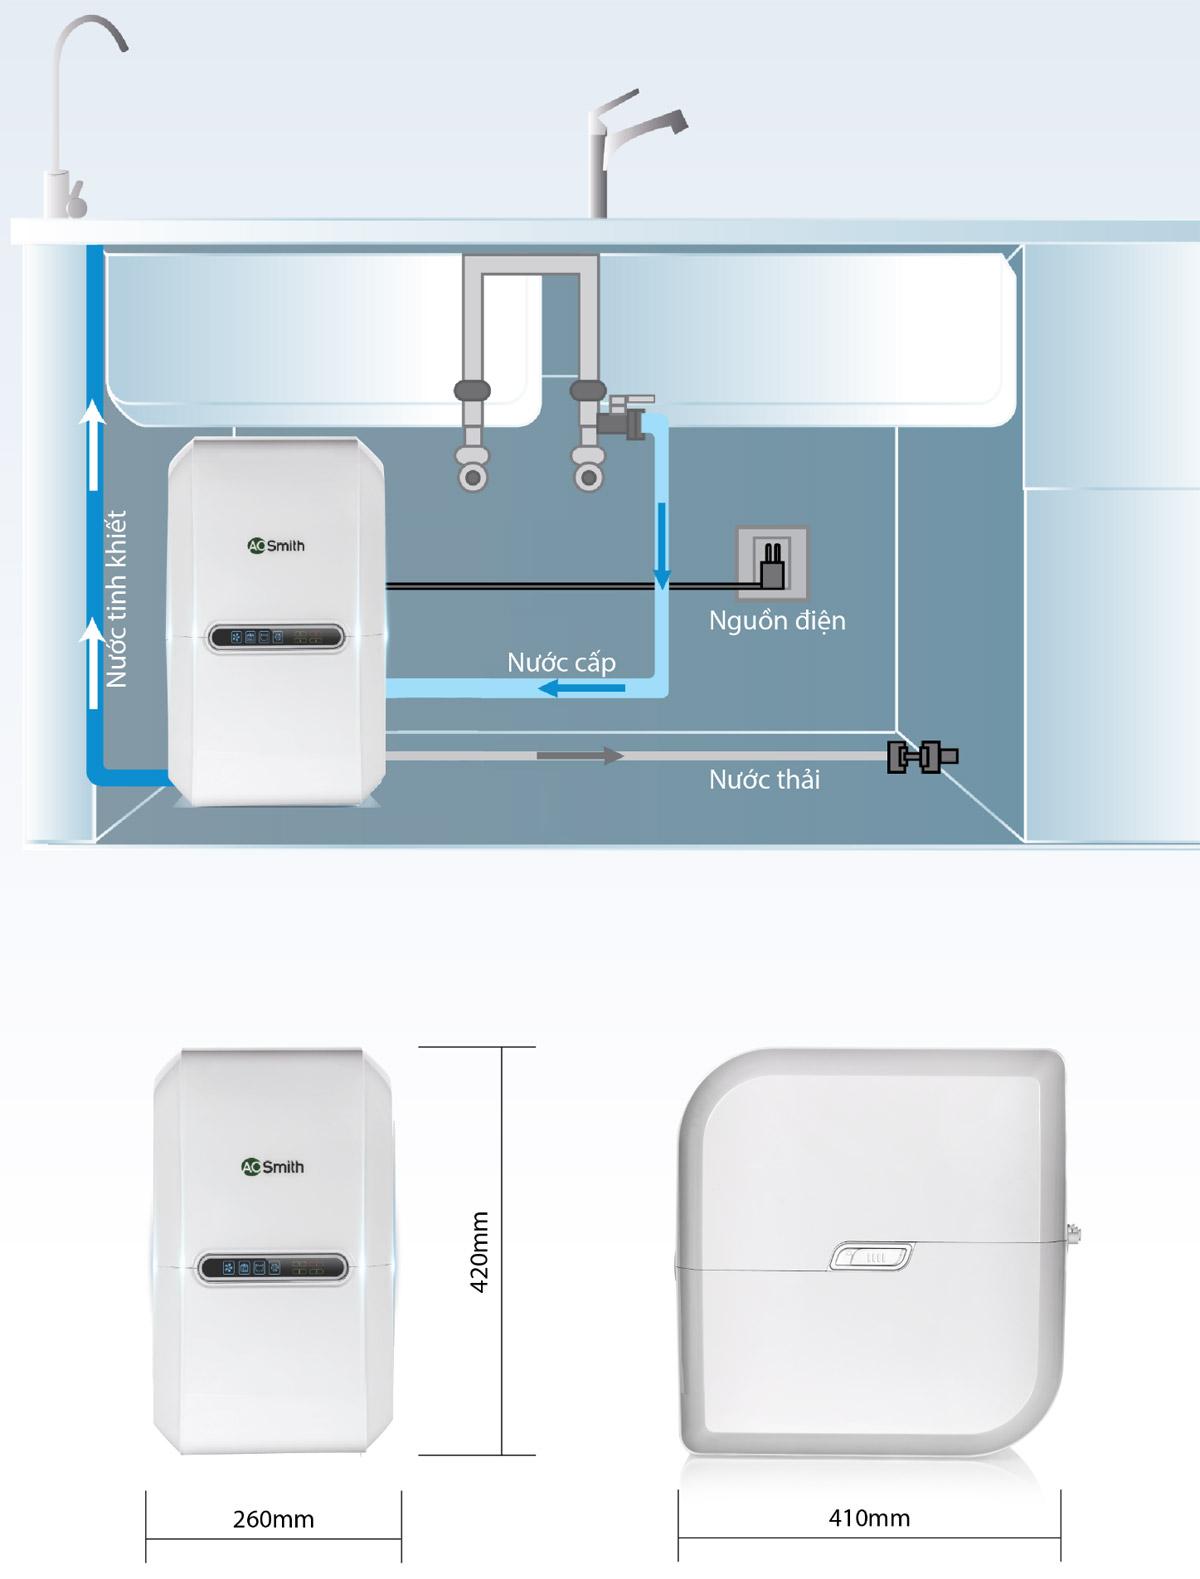 Sơ đồ lắp đặt và kích thước của máy lọc nước G2